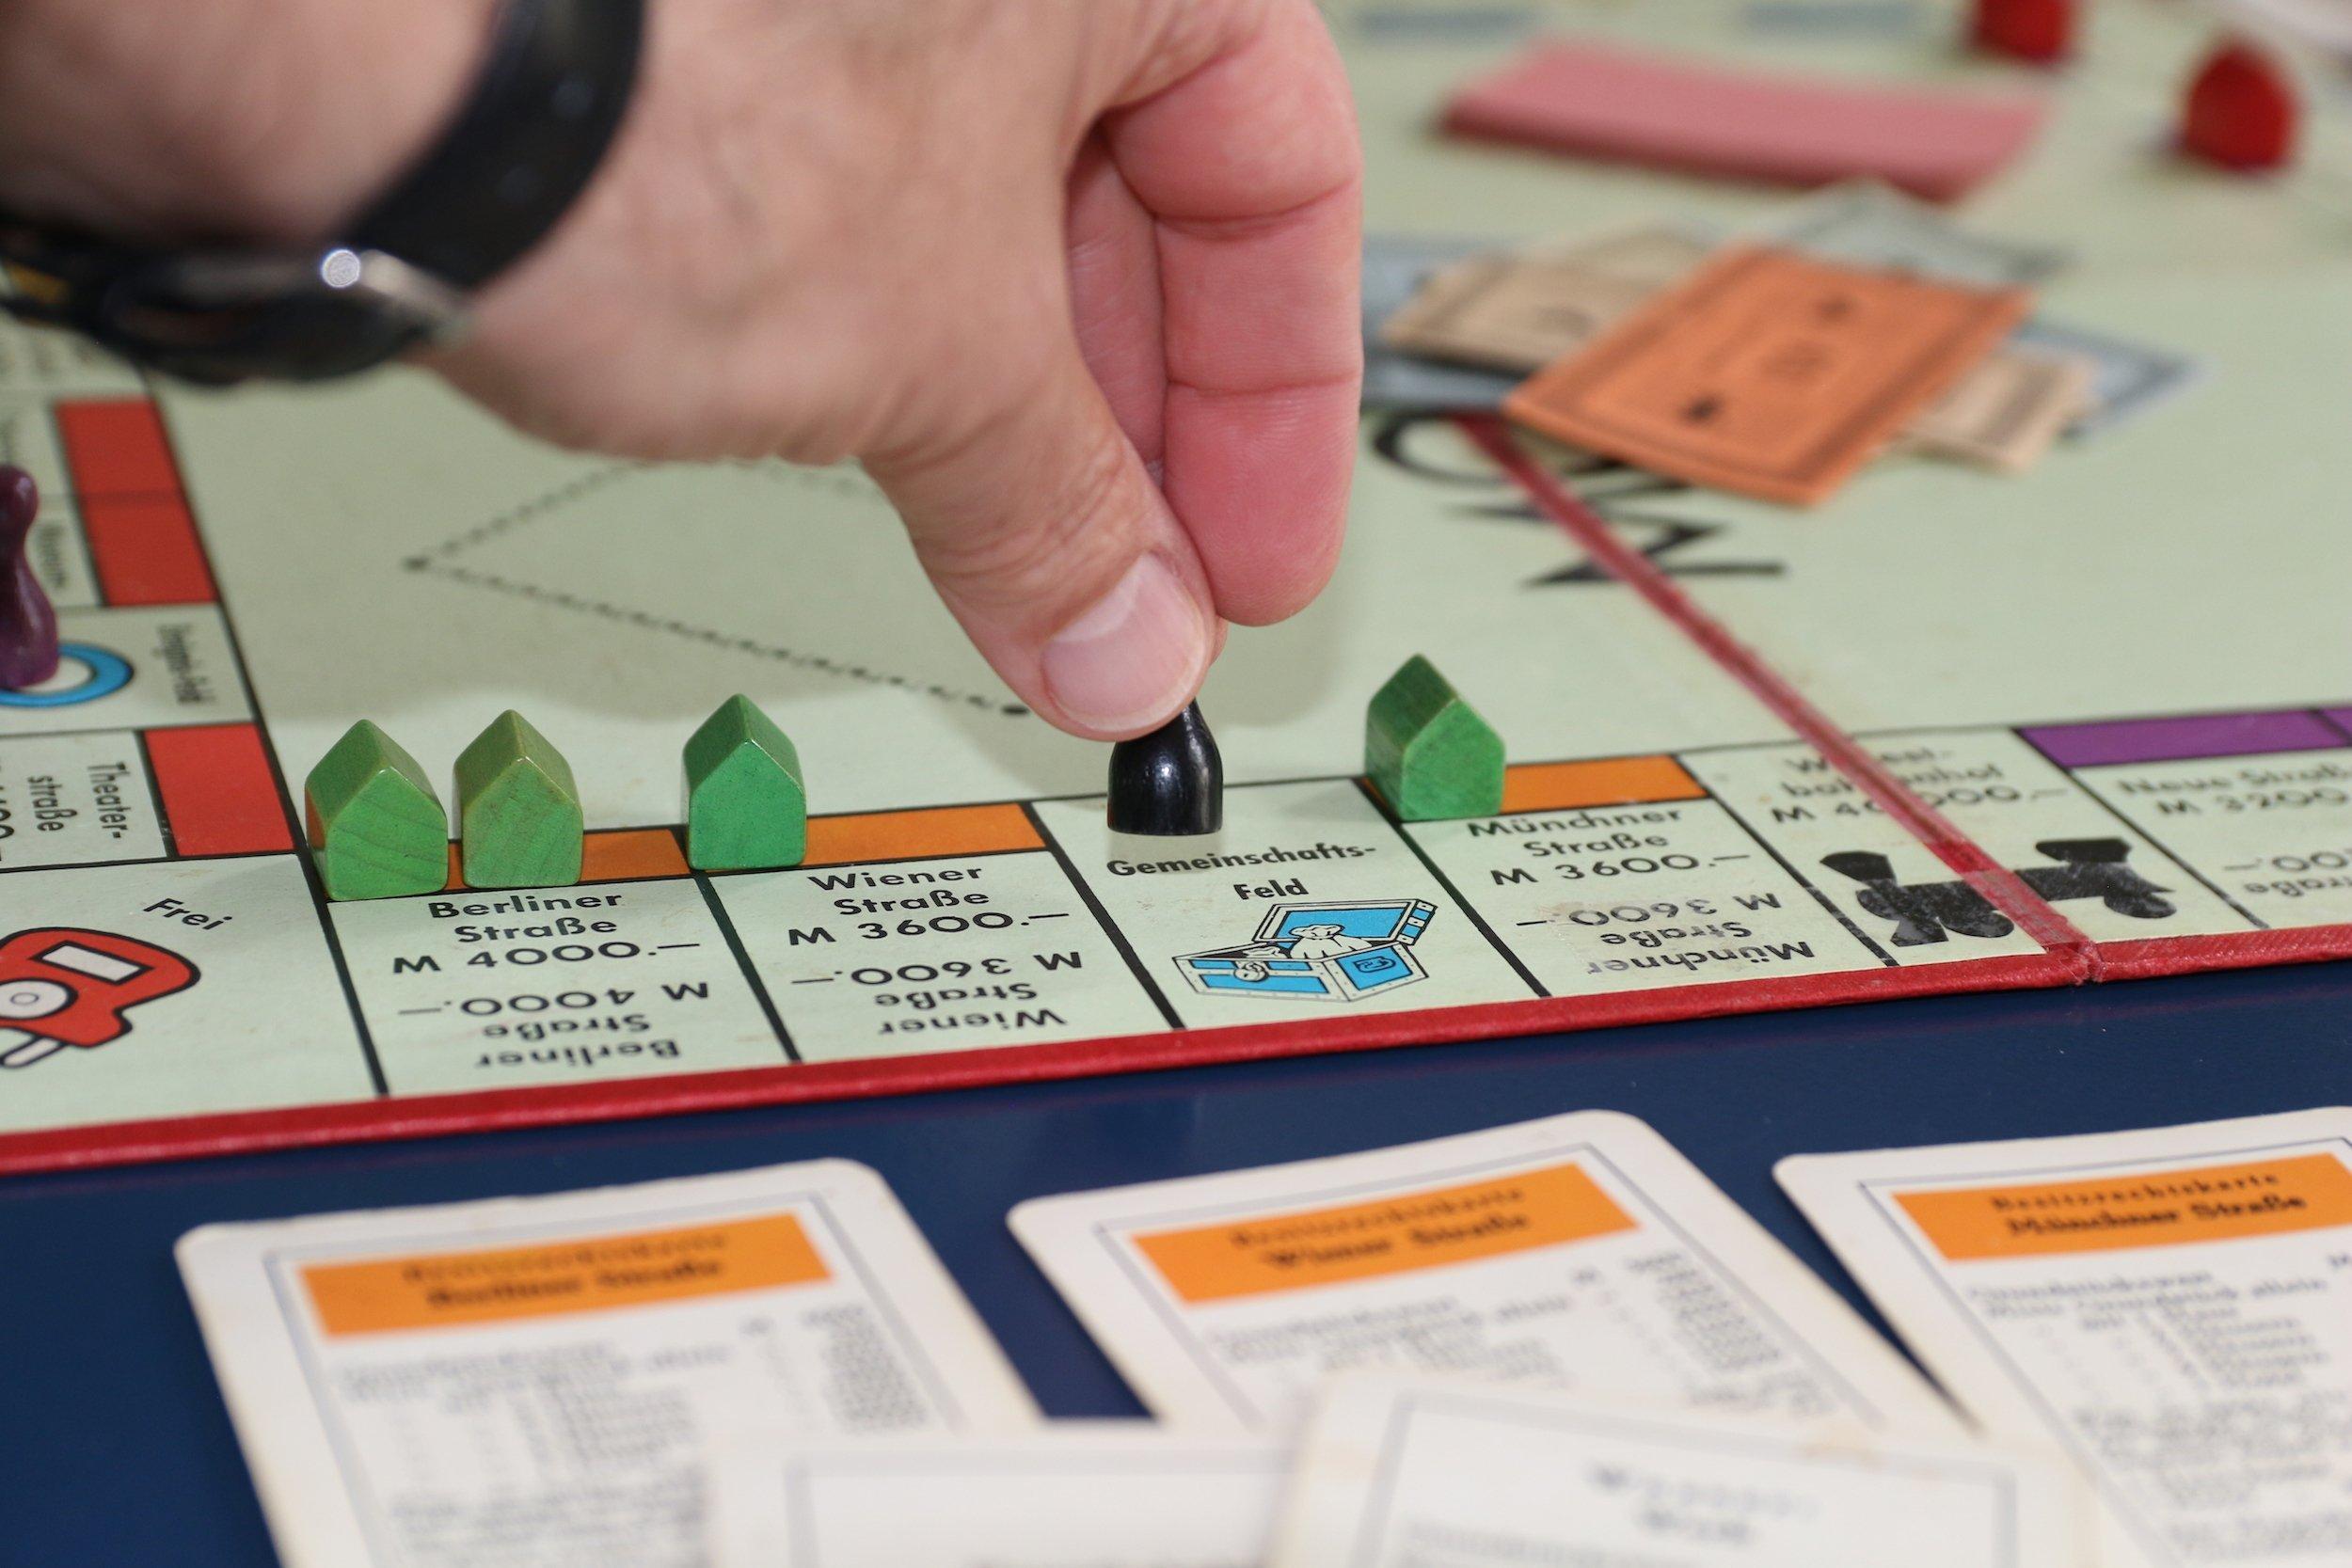 """Spielsituation bei Monopoly: Die schwarze Figur wird gerade von einer Hand auf dem Gemeinschafts-Feld zwischen Münchner und Wiener Straße abgestellt. Im Hintergrund liegt ein Stapel Geld in der Mitte. – Monopoly gilt als Spiel des Kapitalismus, dabei hatte sein erster Vorläufer """"The Landlord's Game"""" auch einen Satz Regeln für eine Gemeinwohl-Ökonomie. Damals konnten die Spieler umschalten, und dann wurden alle Mieten für Grundstücke – aber nicht die Anteile für Häuser – in der Mitte gesammelt. Wenn genug zusammengekommen war, mussten die Eigentümer von Elektrizitätswerk, der damals vorhandenen Straßenbahn und den Bahnhöfen ihre Karten an die Gemeinschaft verkaufen. Heute könnte man es so spielen, dass der Topf in der Mitte aufgeteilt wird, wenn eine Figur auf dem Gemeinschafts-Feld landet."""